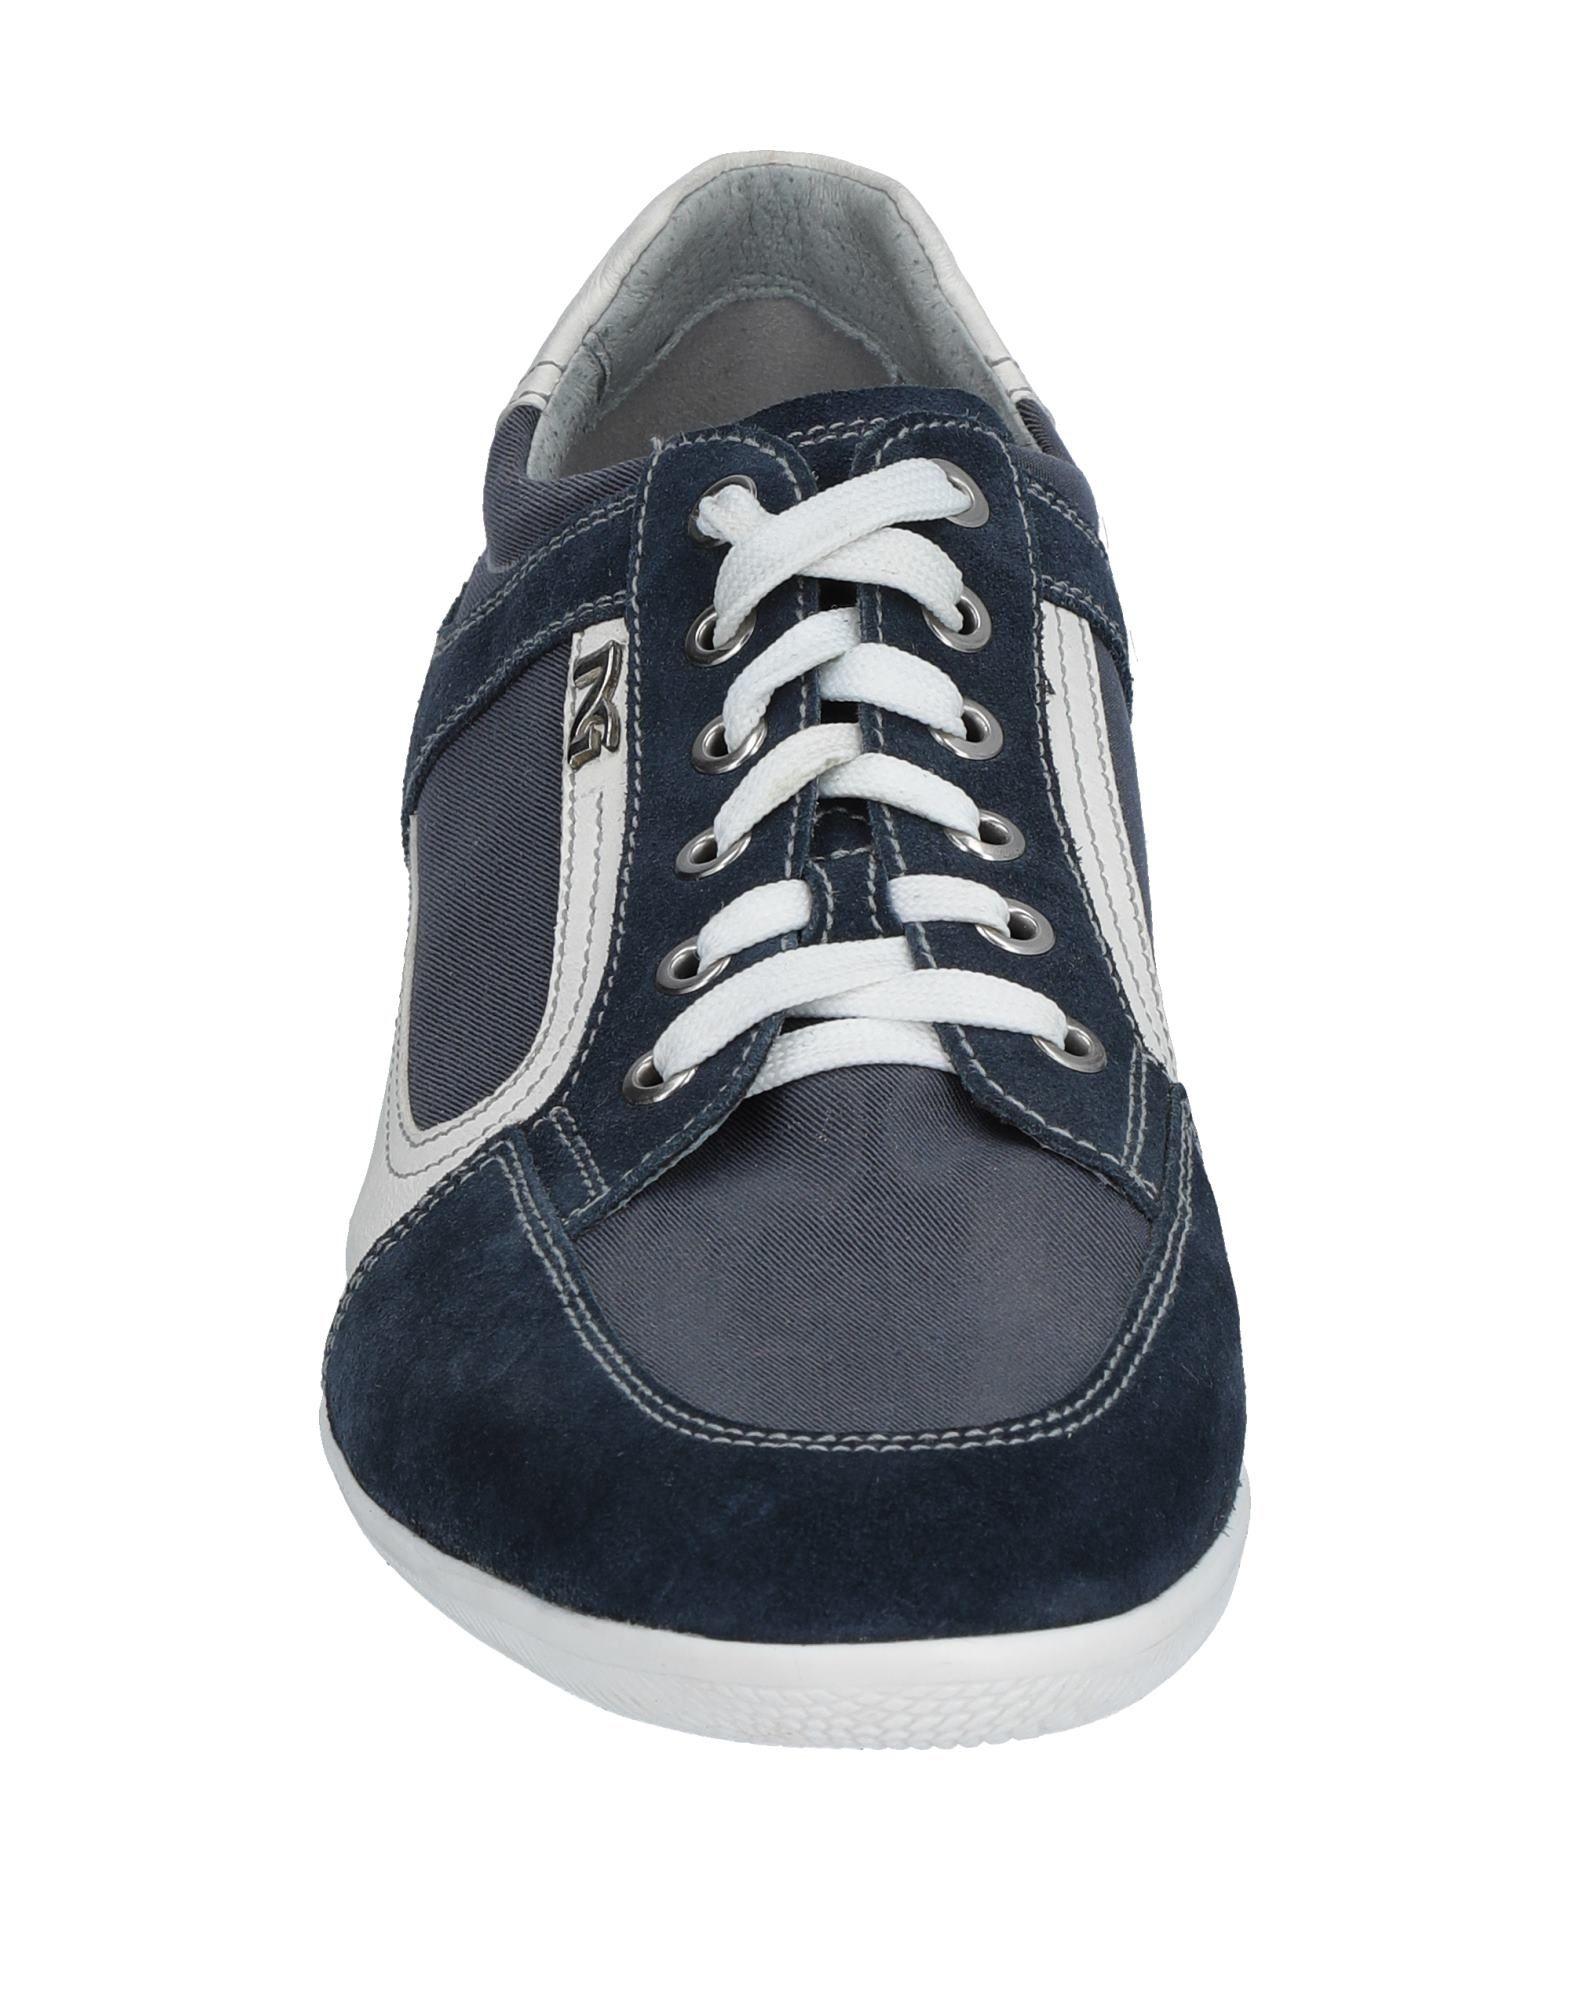 Nero 11523392TQ Giardini Sneakers Herren  11523392TQ Nero 50c732